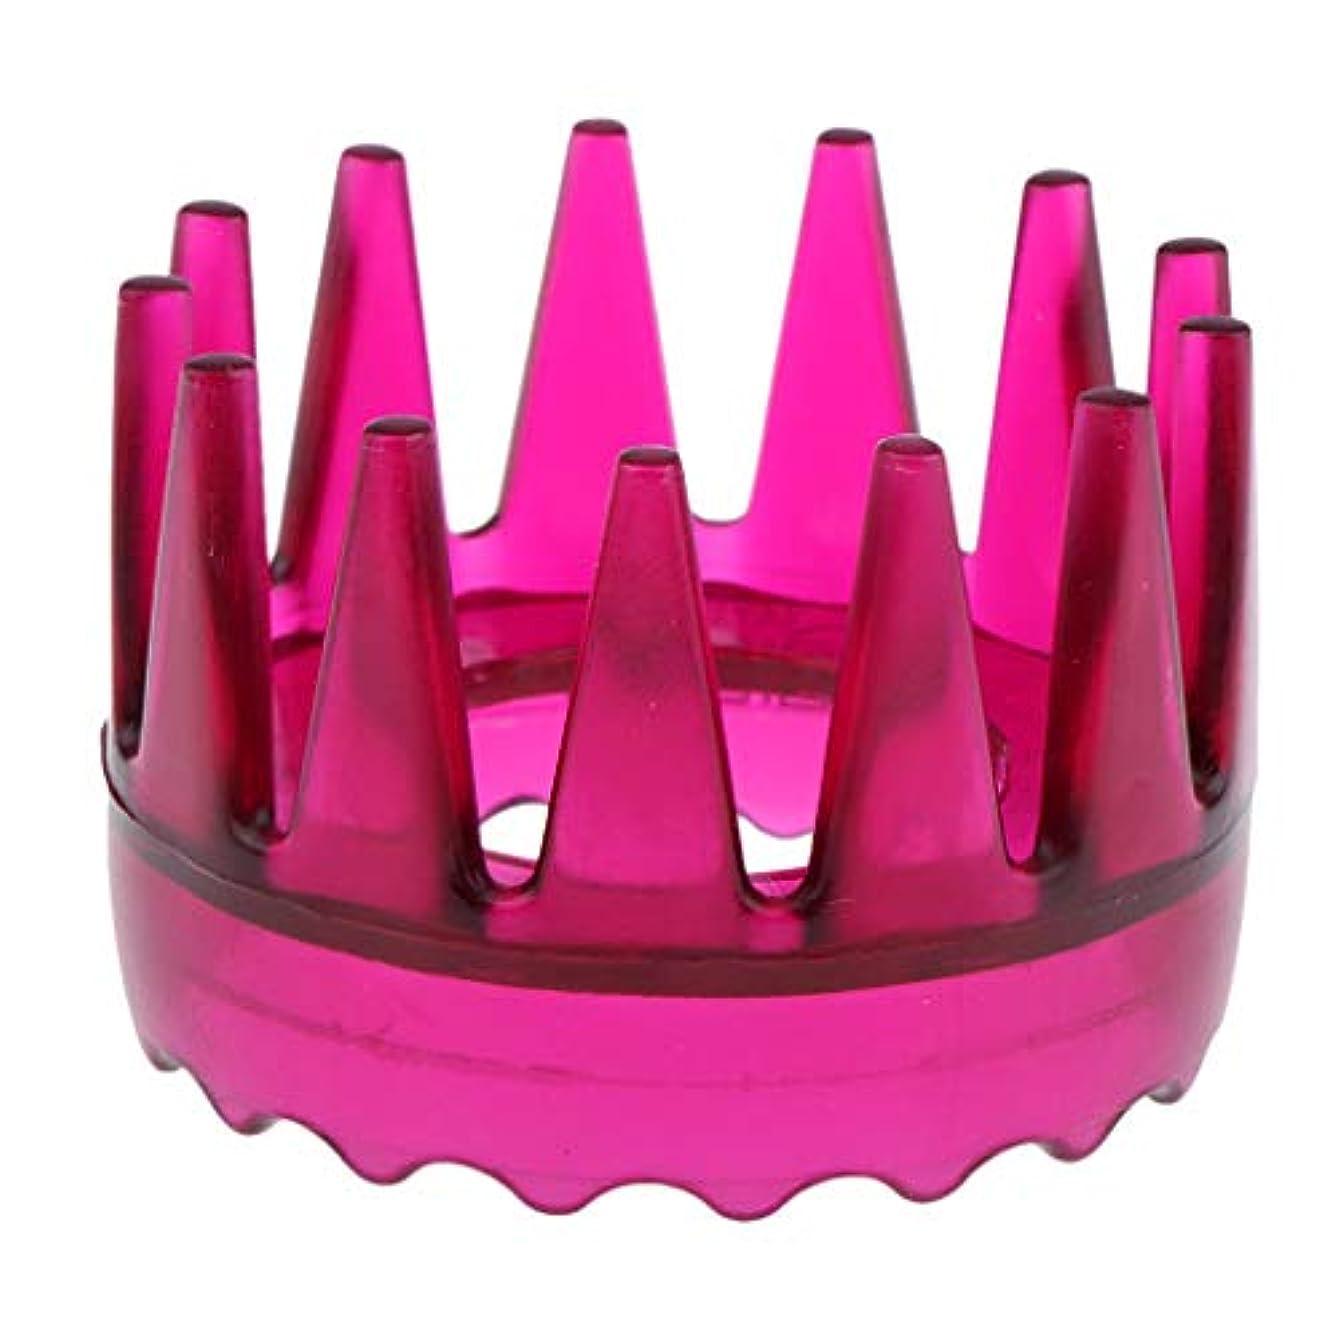 ペストオーラル公式Sharplace 頭皮マッサージ 櫛 シャワー シャンプー ヘアブラシ 4色選べ - ローズレッド